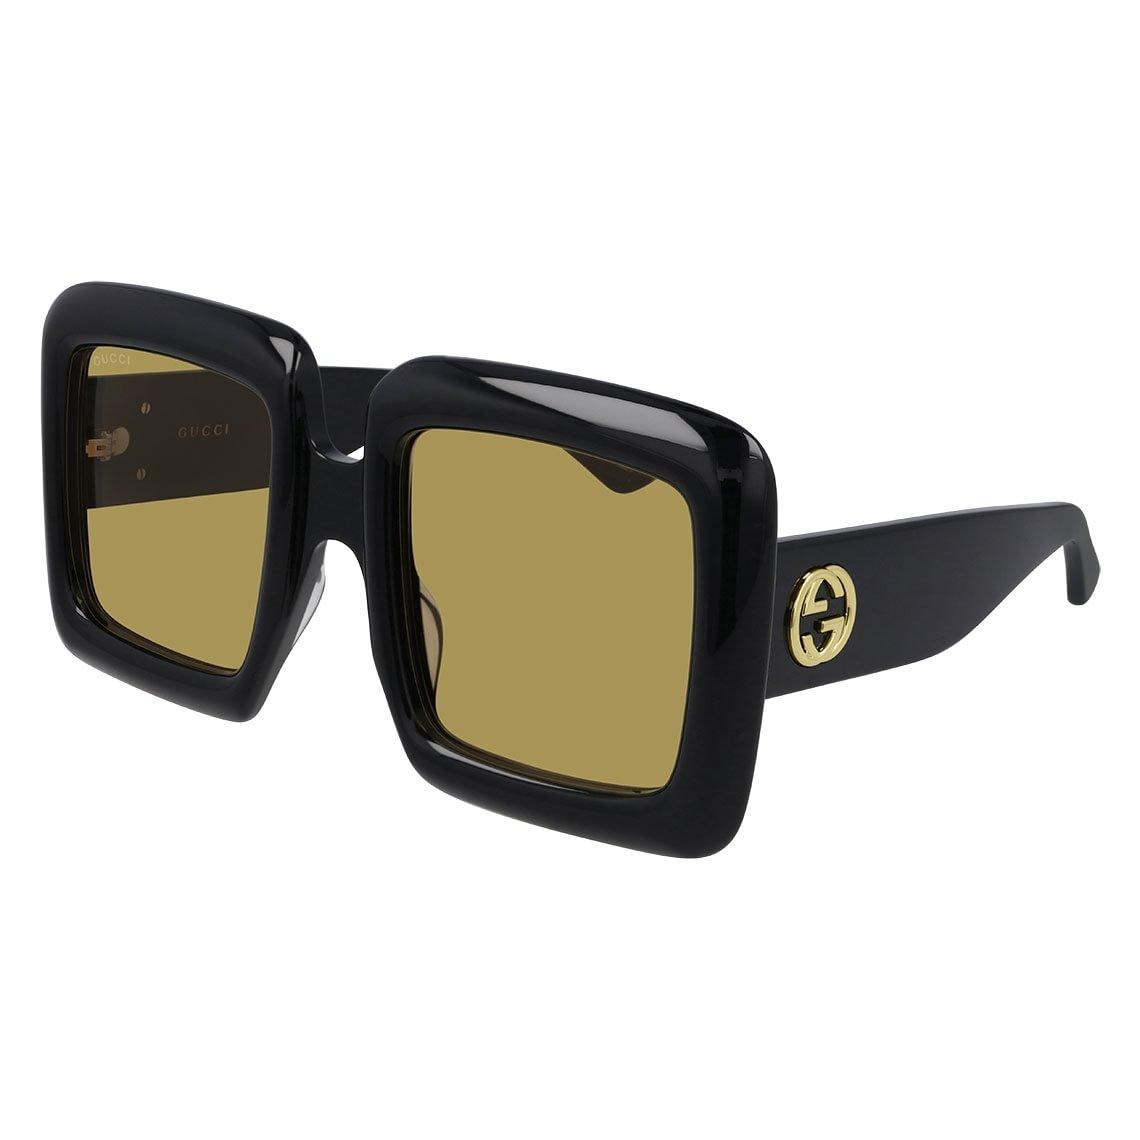 Gucci GG0783S 001 5725